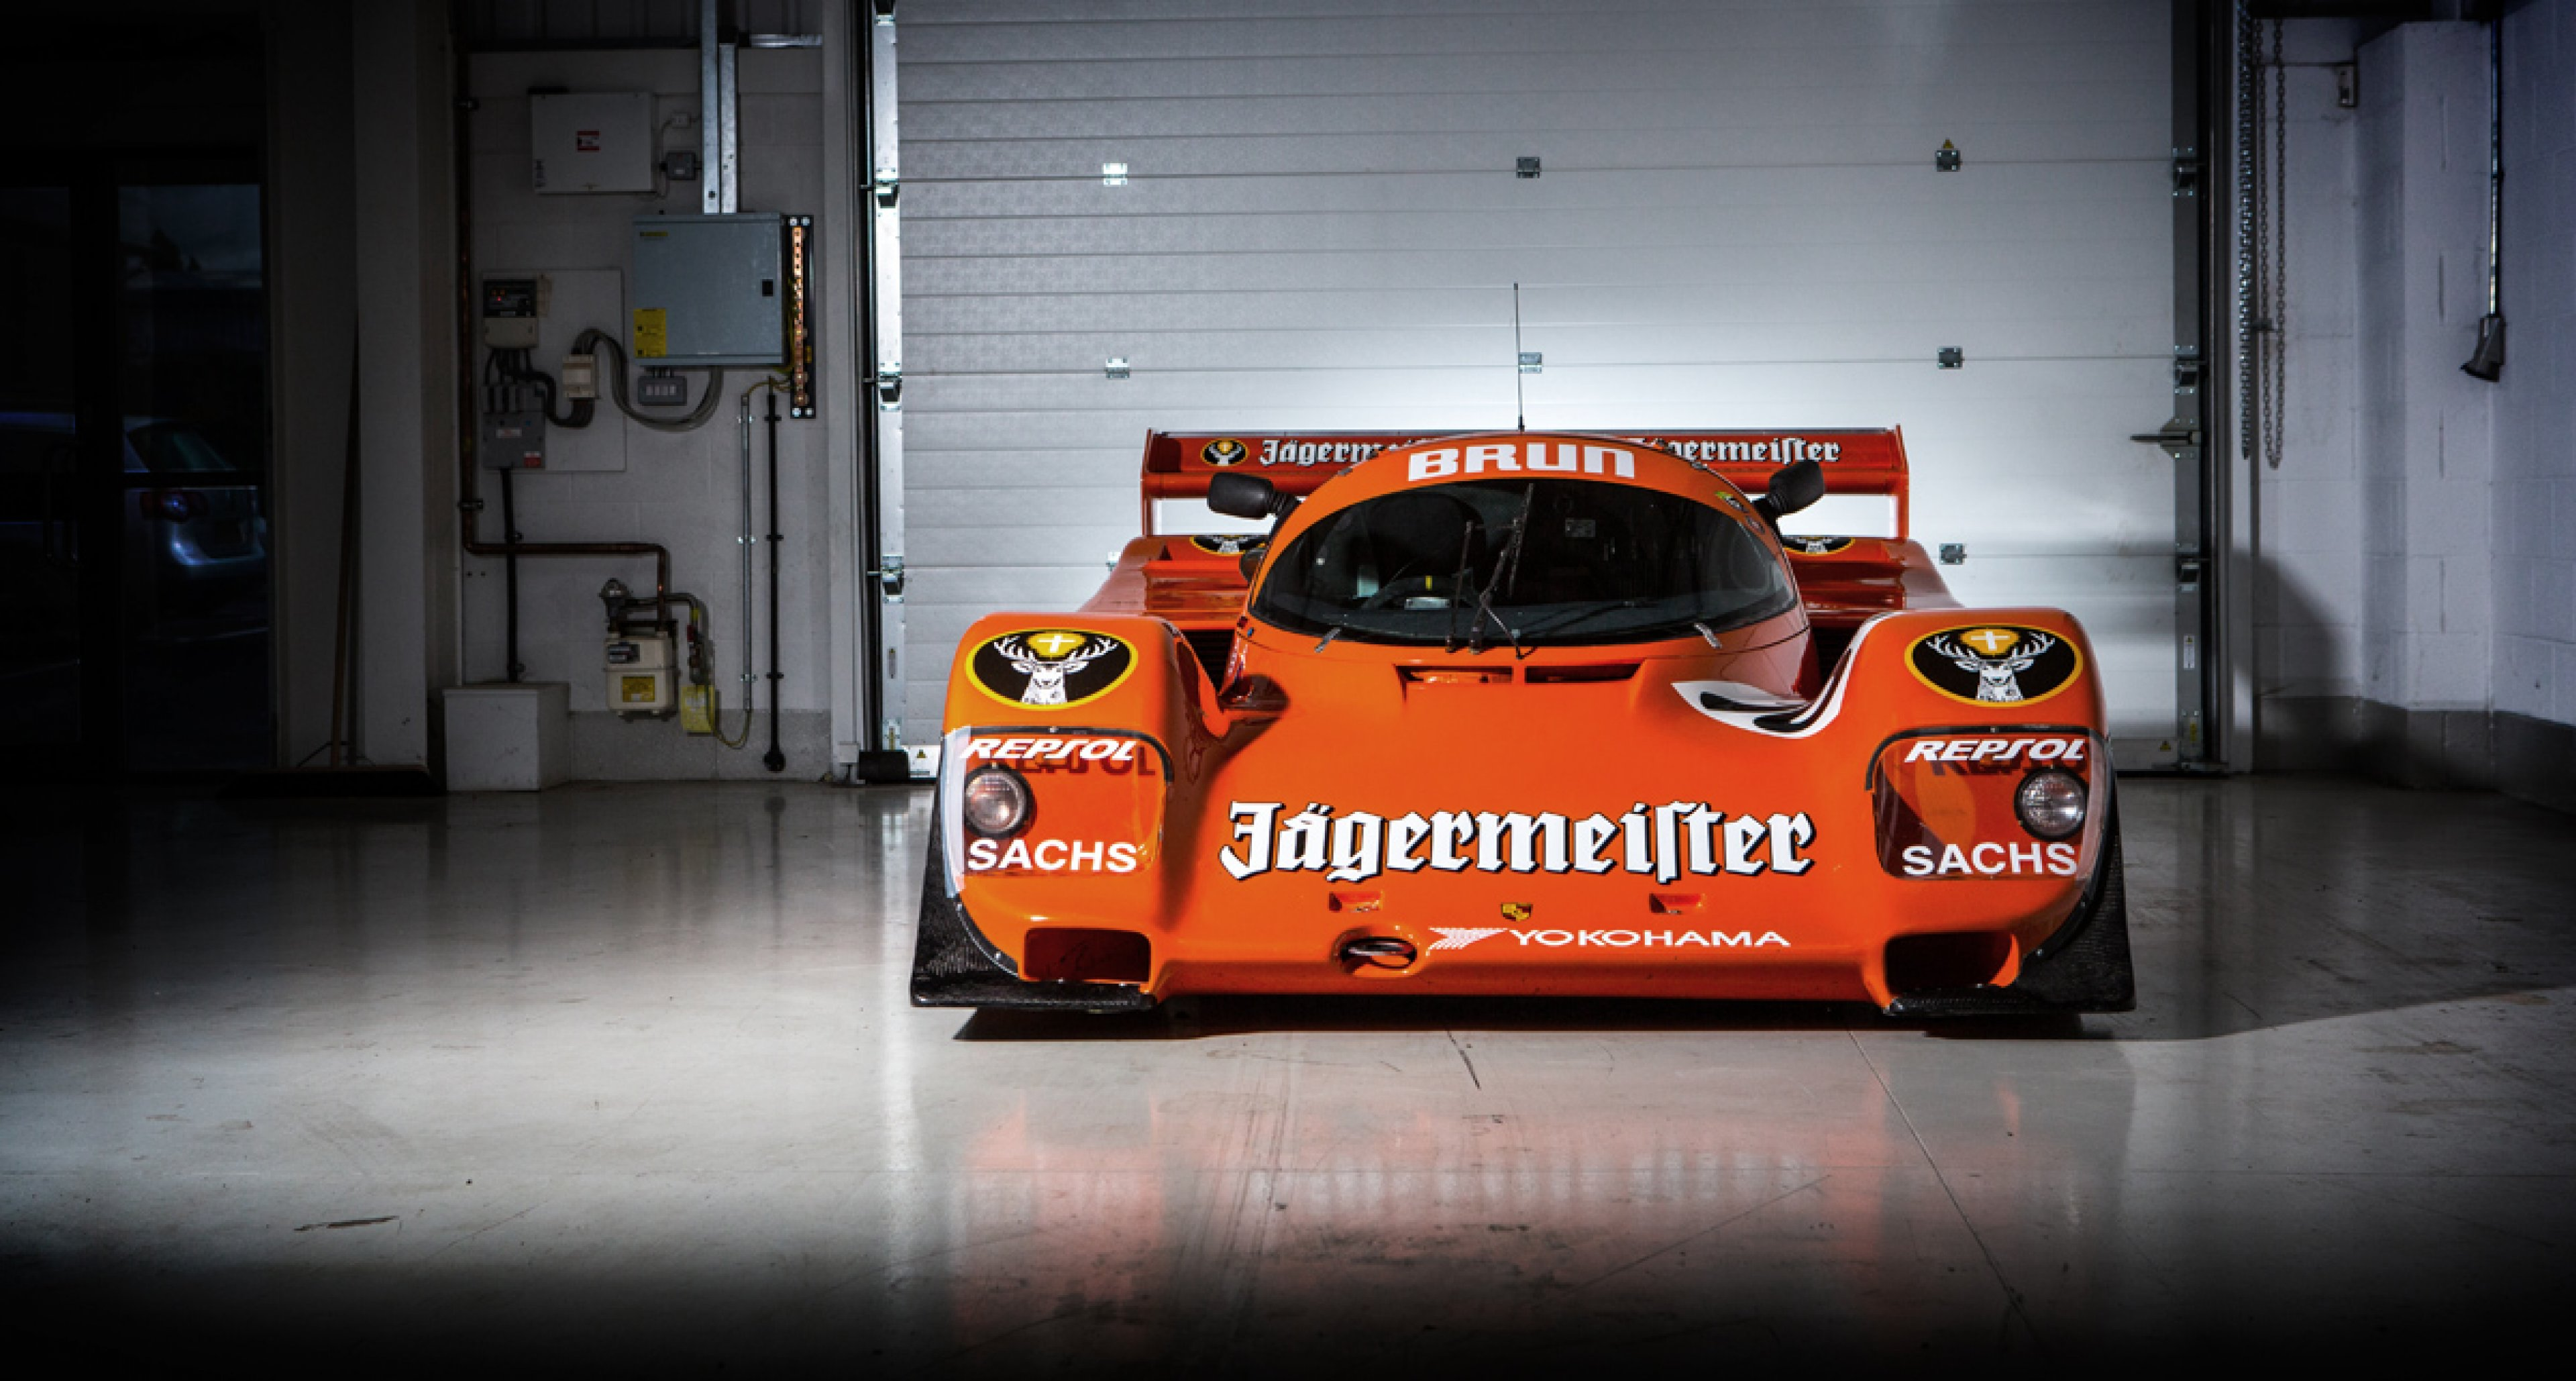 Bonhams 1989 Porsche 962c Group C Sports, Lot 396